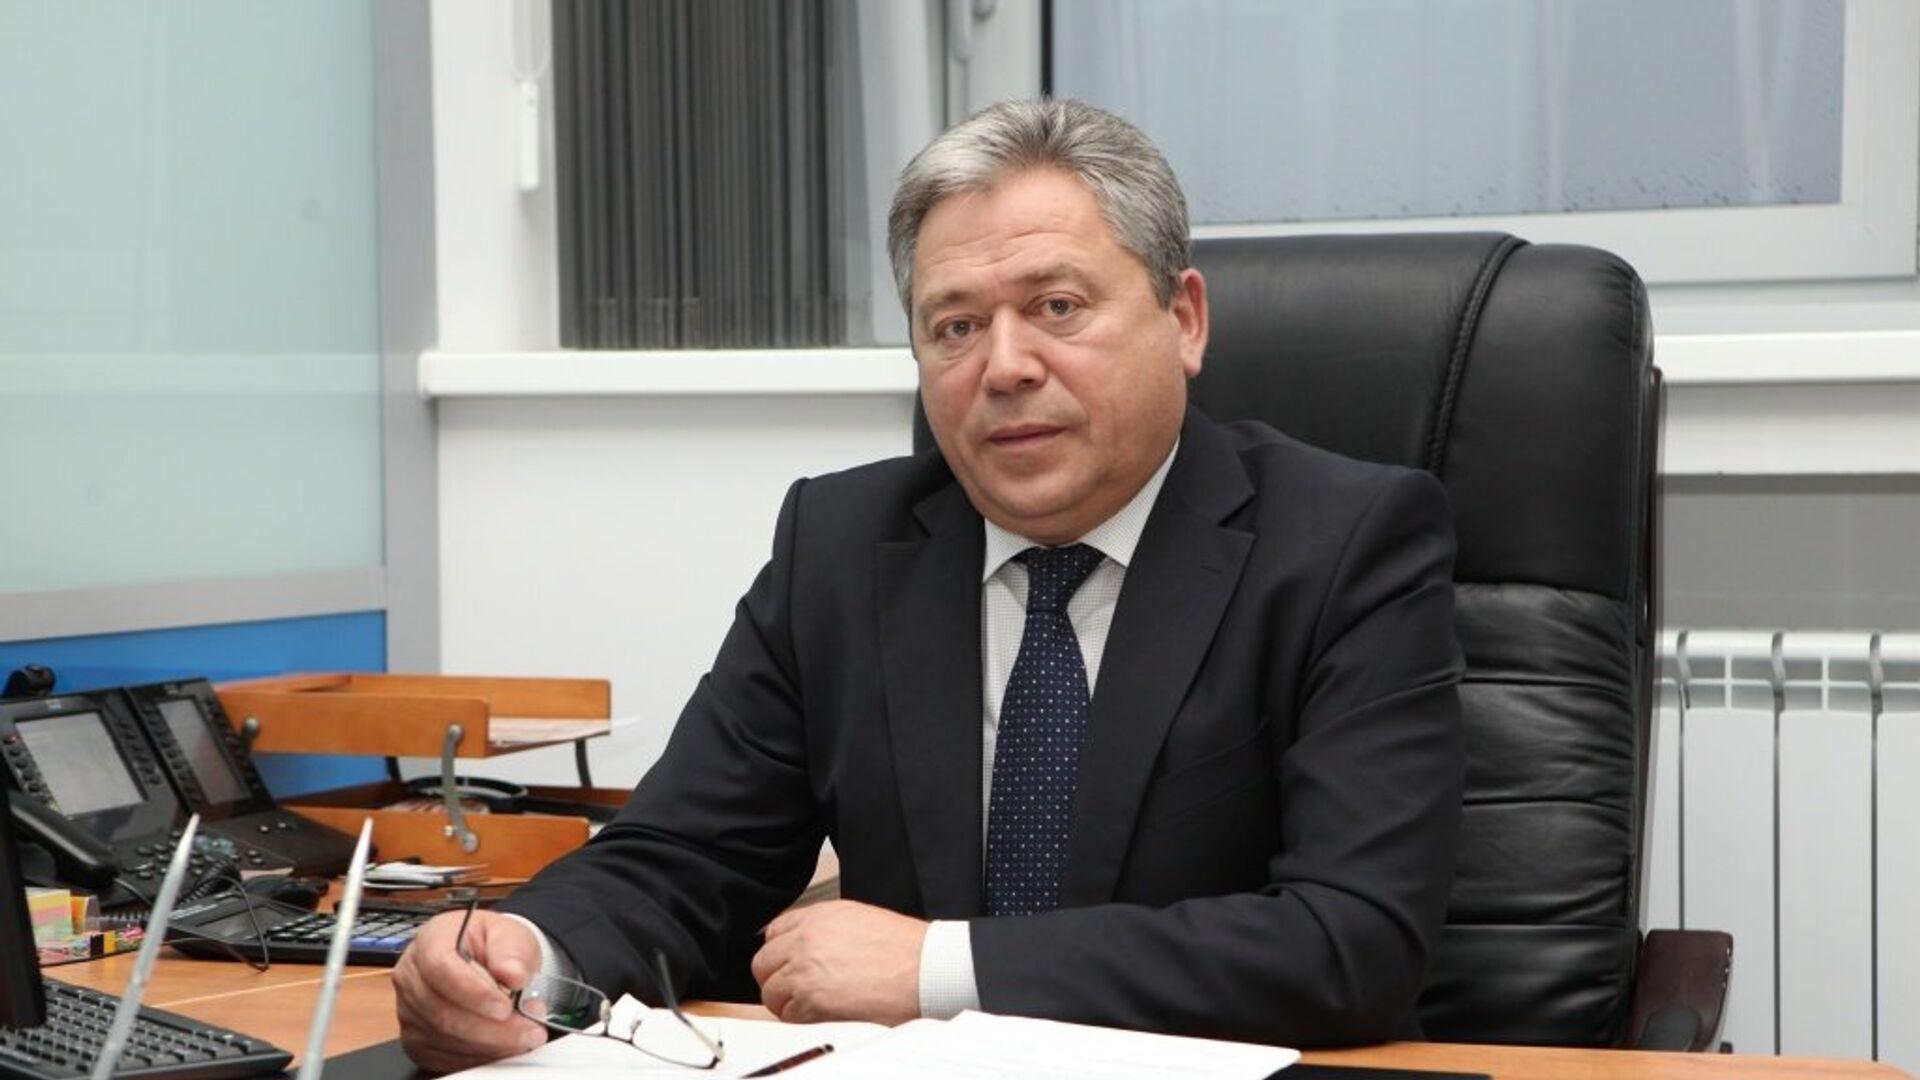 Мэр Уфы Мустафин заразился коронавирусом